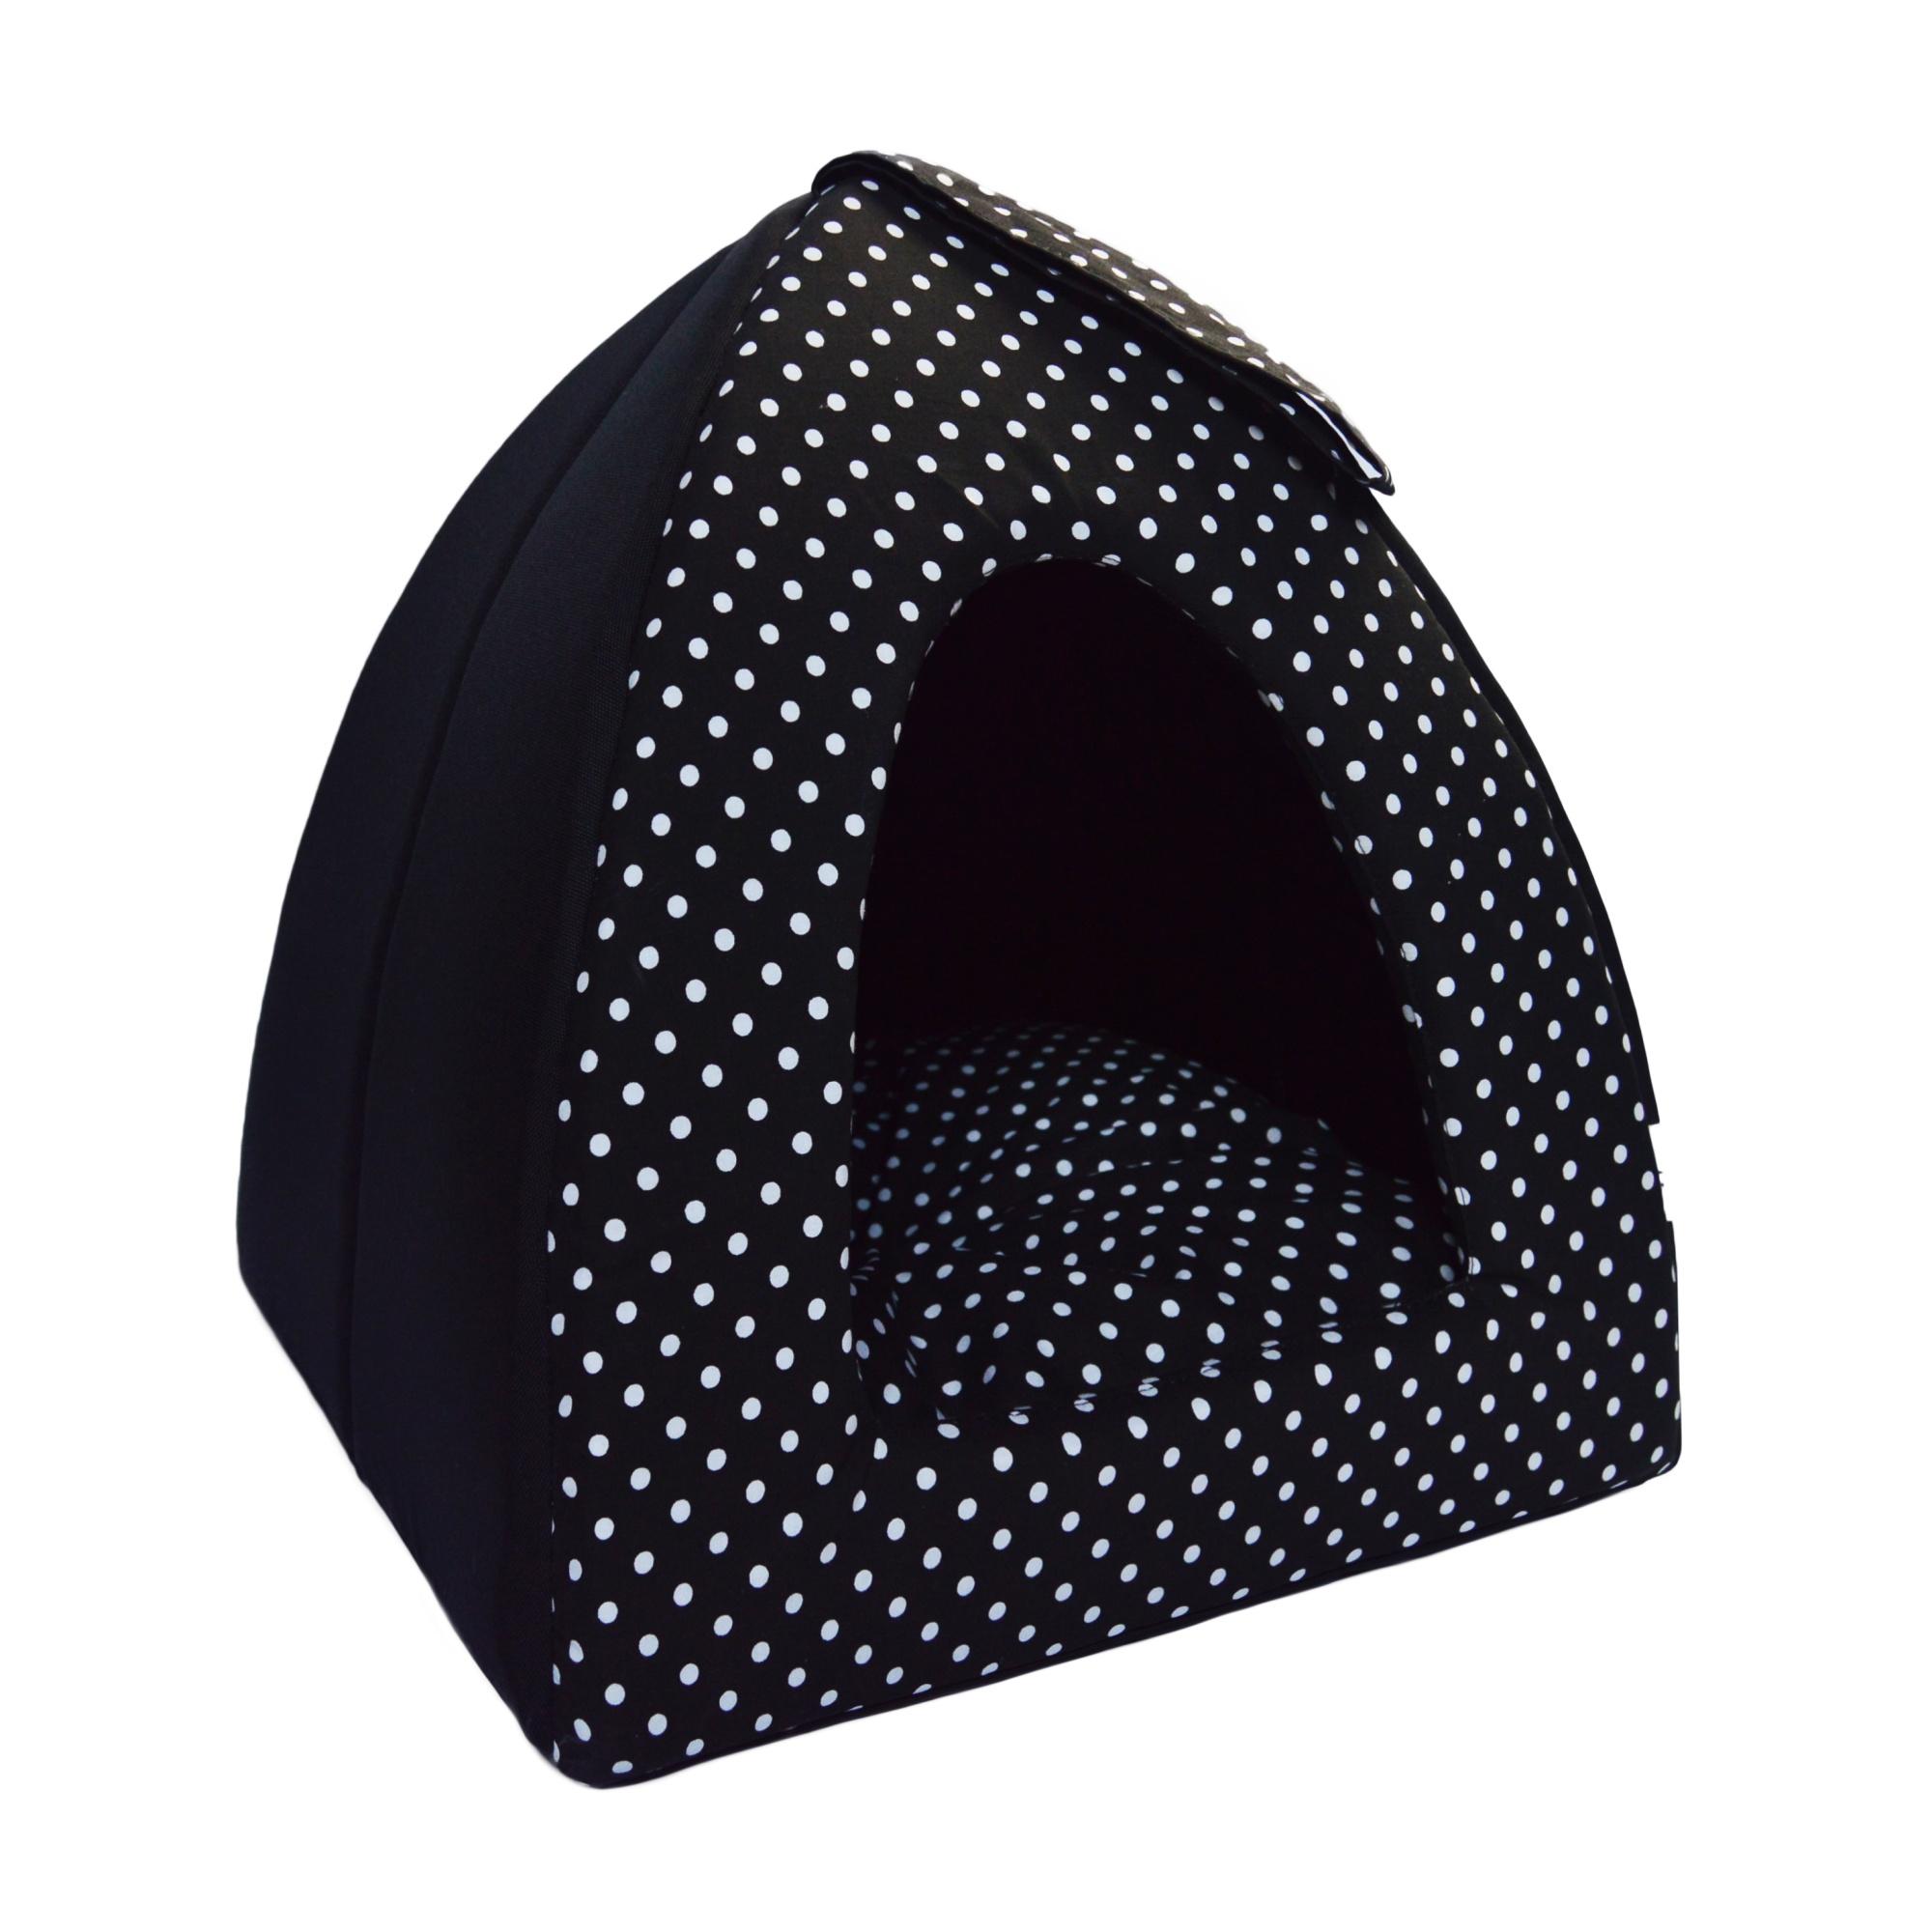 Kukaň iglů no. 8, černá s puntíky, vel.1